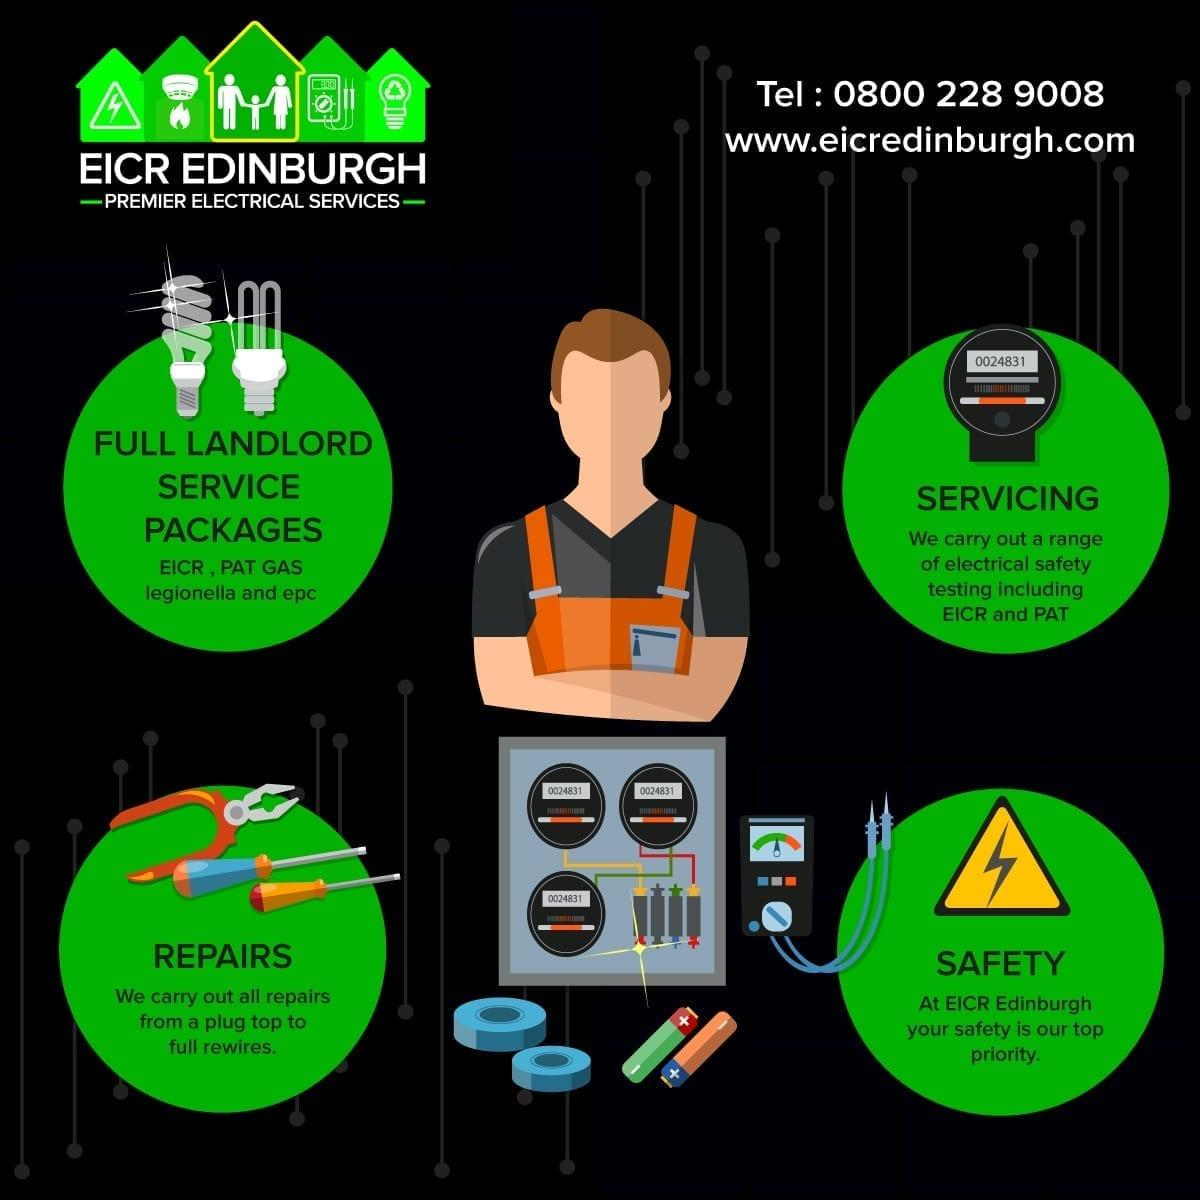 Full Landlord Service Packages Infogram